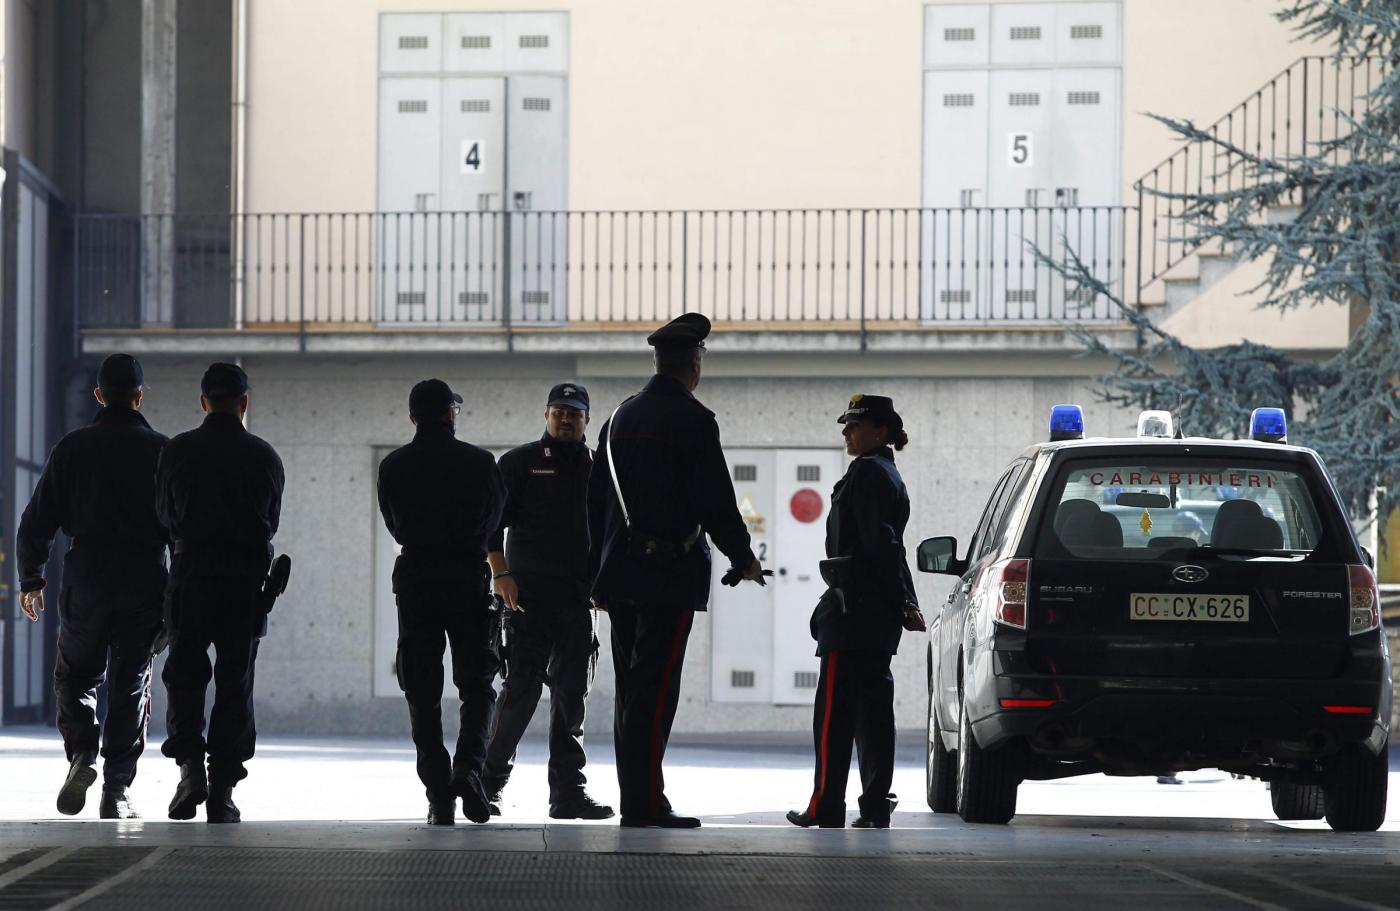 Caso Bozzoli, 4 indagati per la scomparsa dell'impreditore dalla fonderia di Marcheno